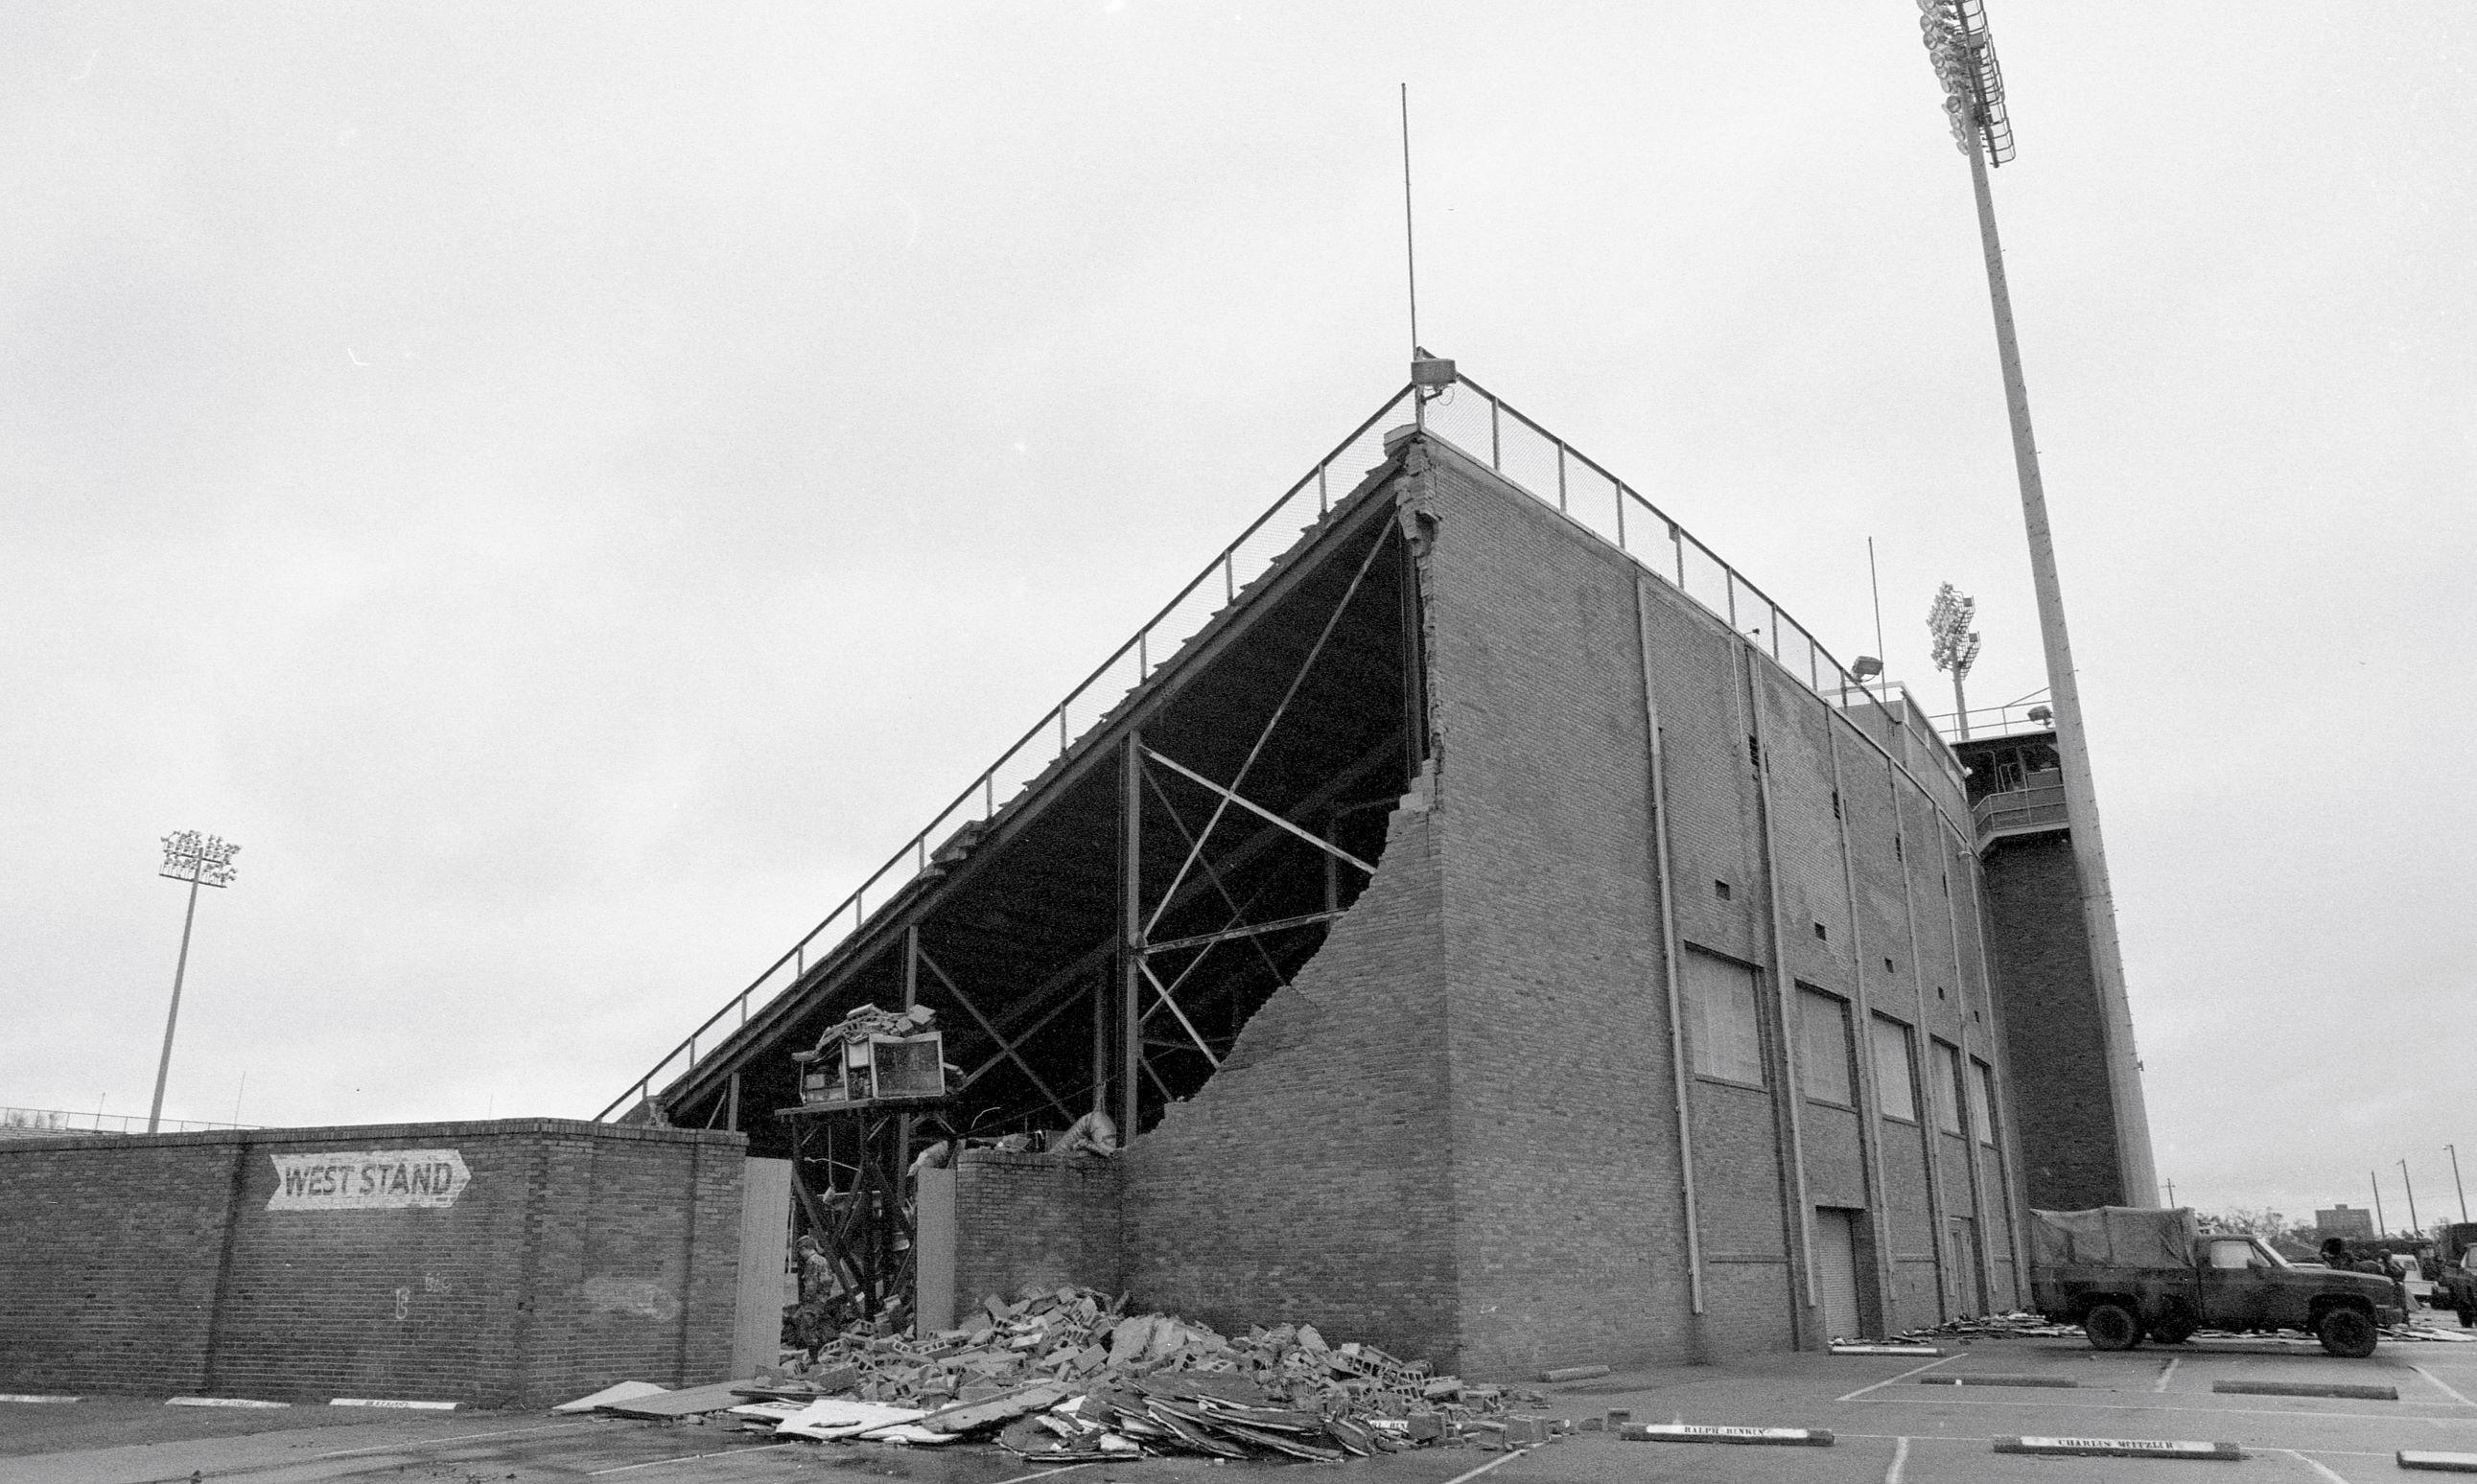 Johnson Hagood Stadium